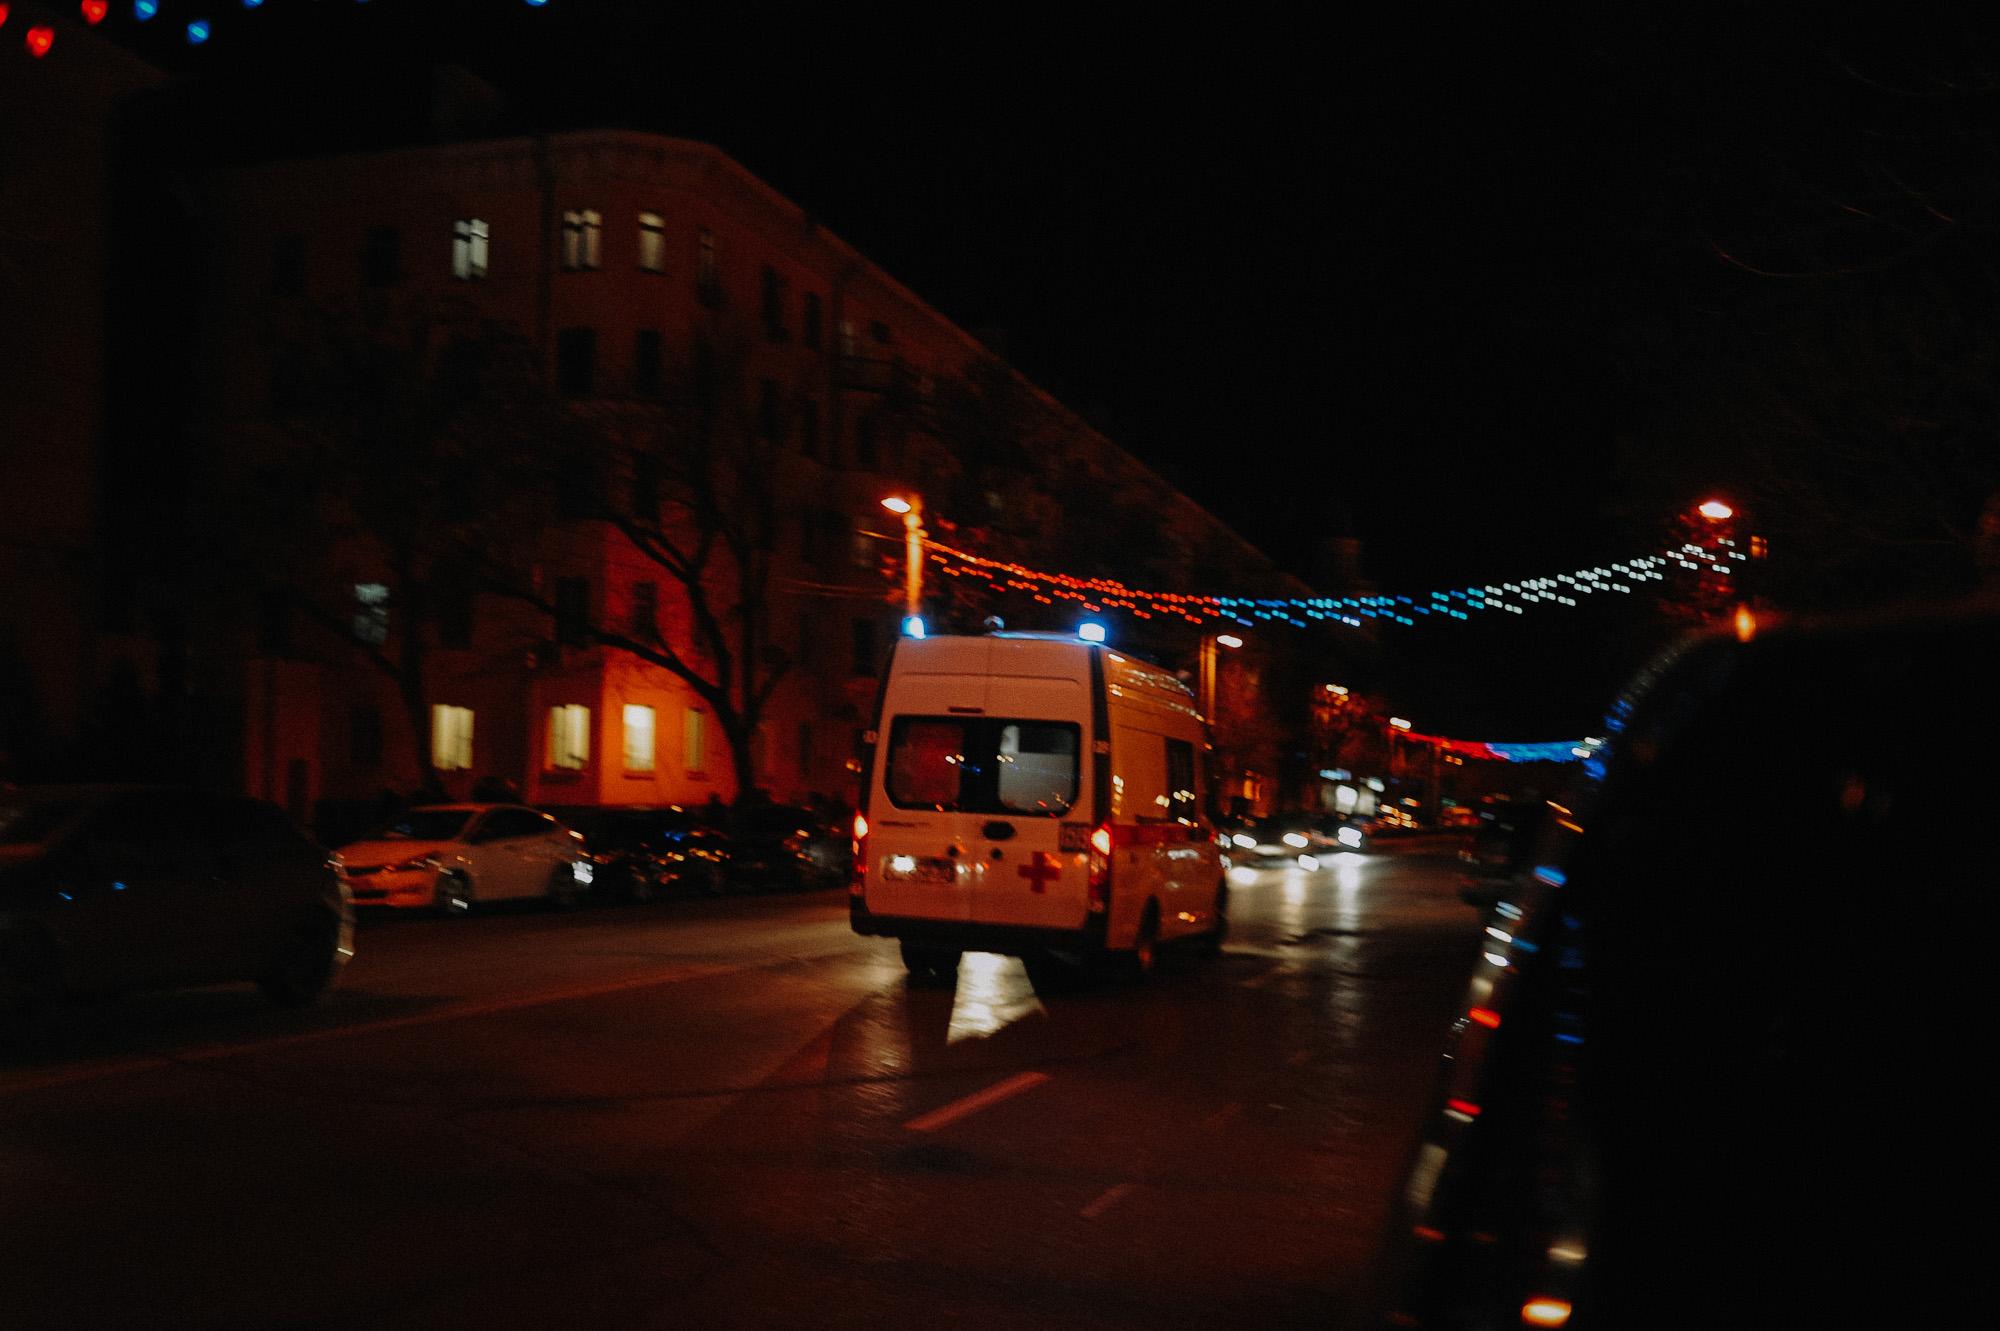 ZZZ 7008 В Астрахани на площади Ленина зажгли новогоднюю елку: кадры торжества